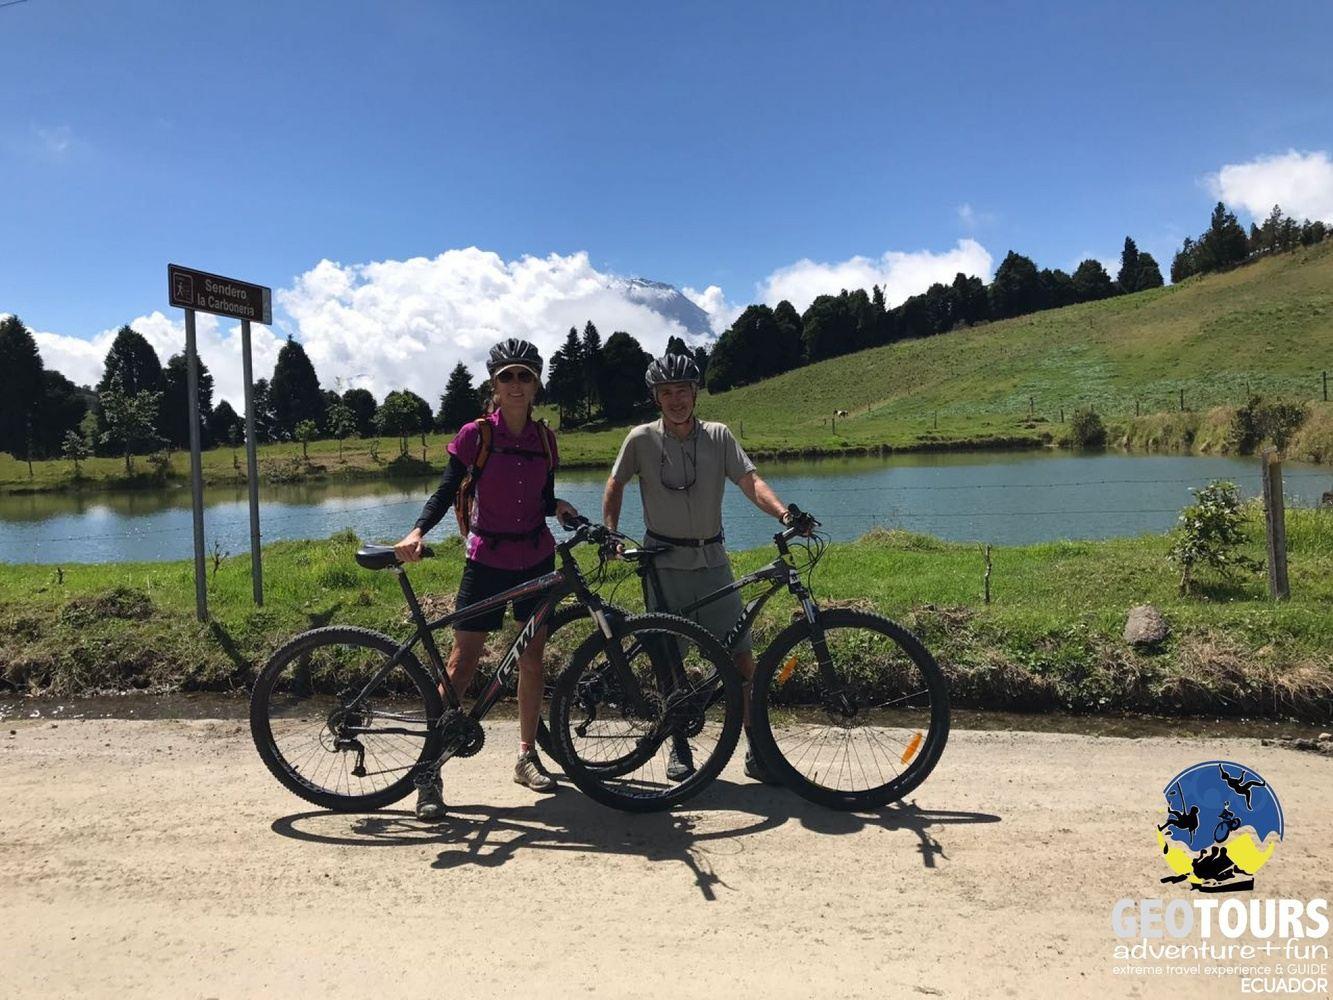 Countryside Biking Tour – Full Day Tour